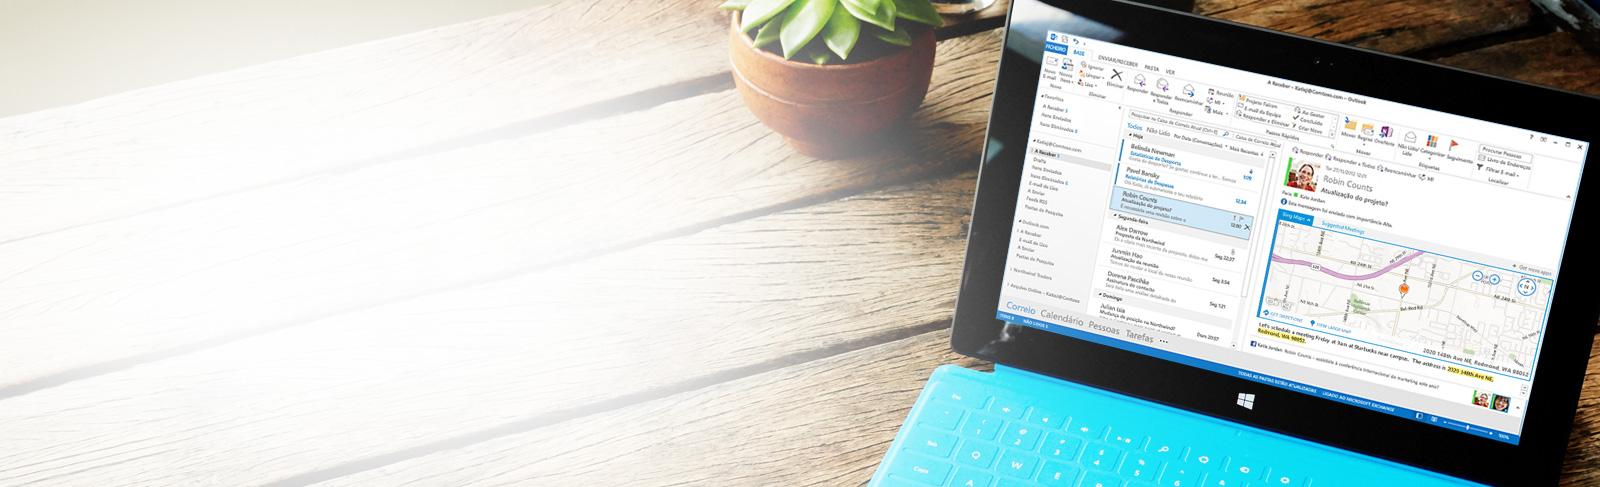 Um tablet a apresentar a pasta A Receber do Microsoft Outlook 2013 com uma lista e a pré-visualização das mensagens.